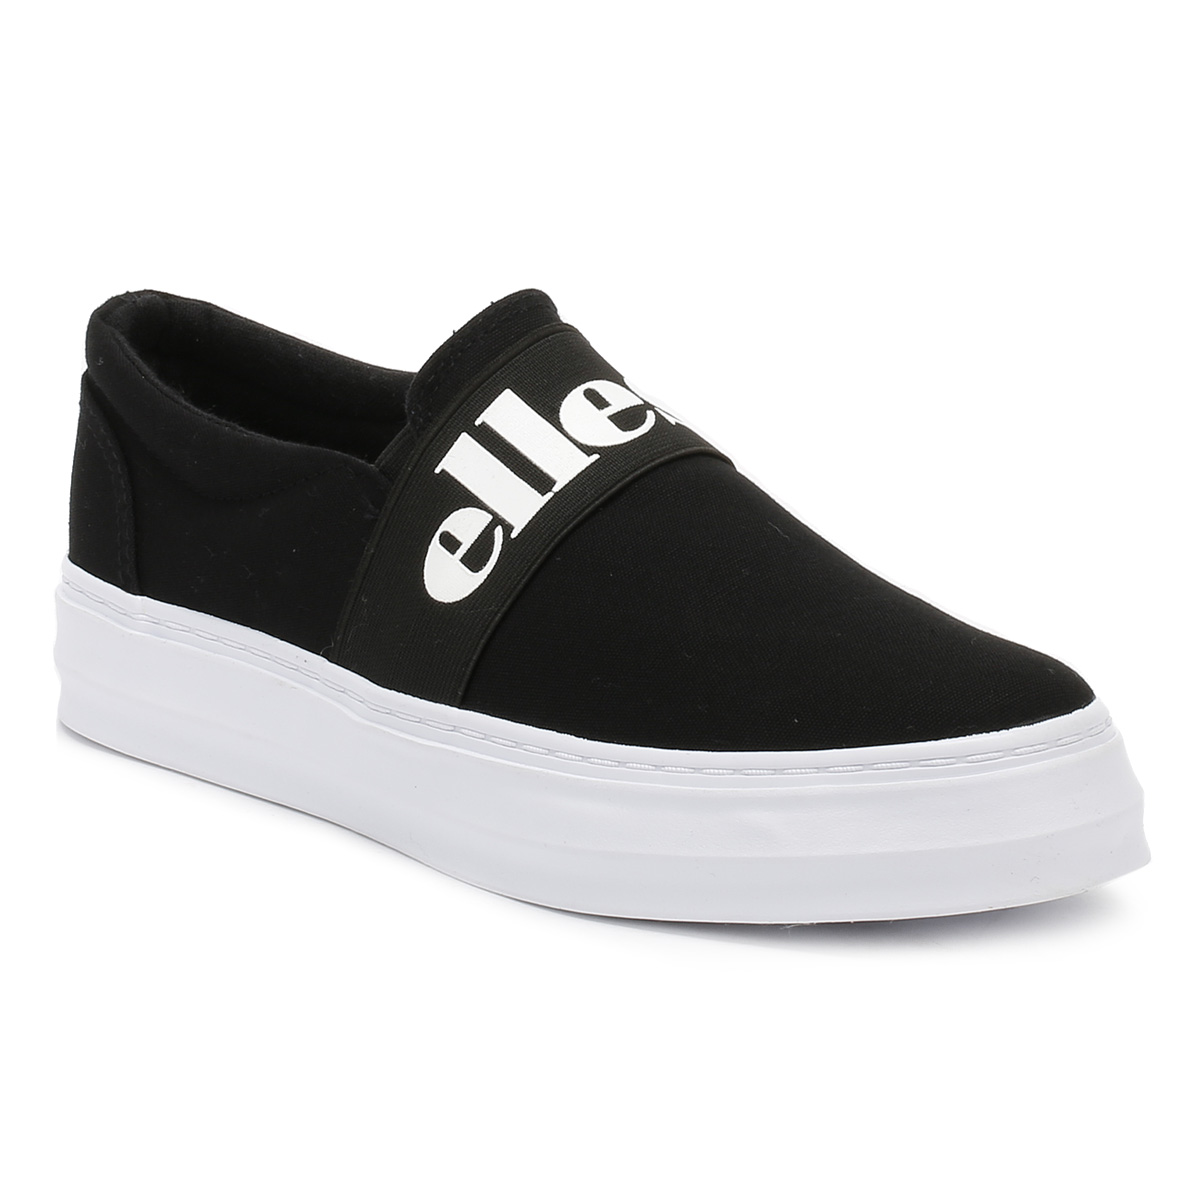 Women's White Slip on Shoes